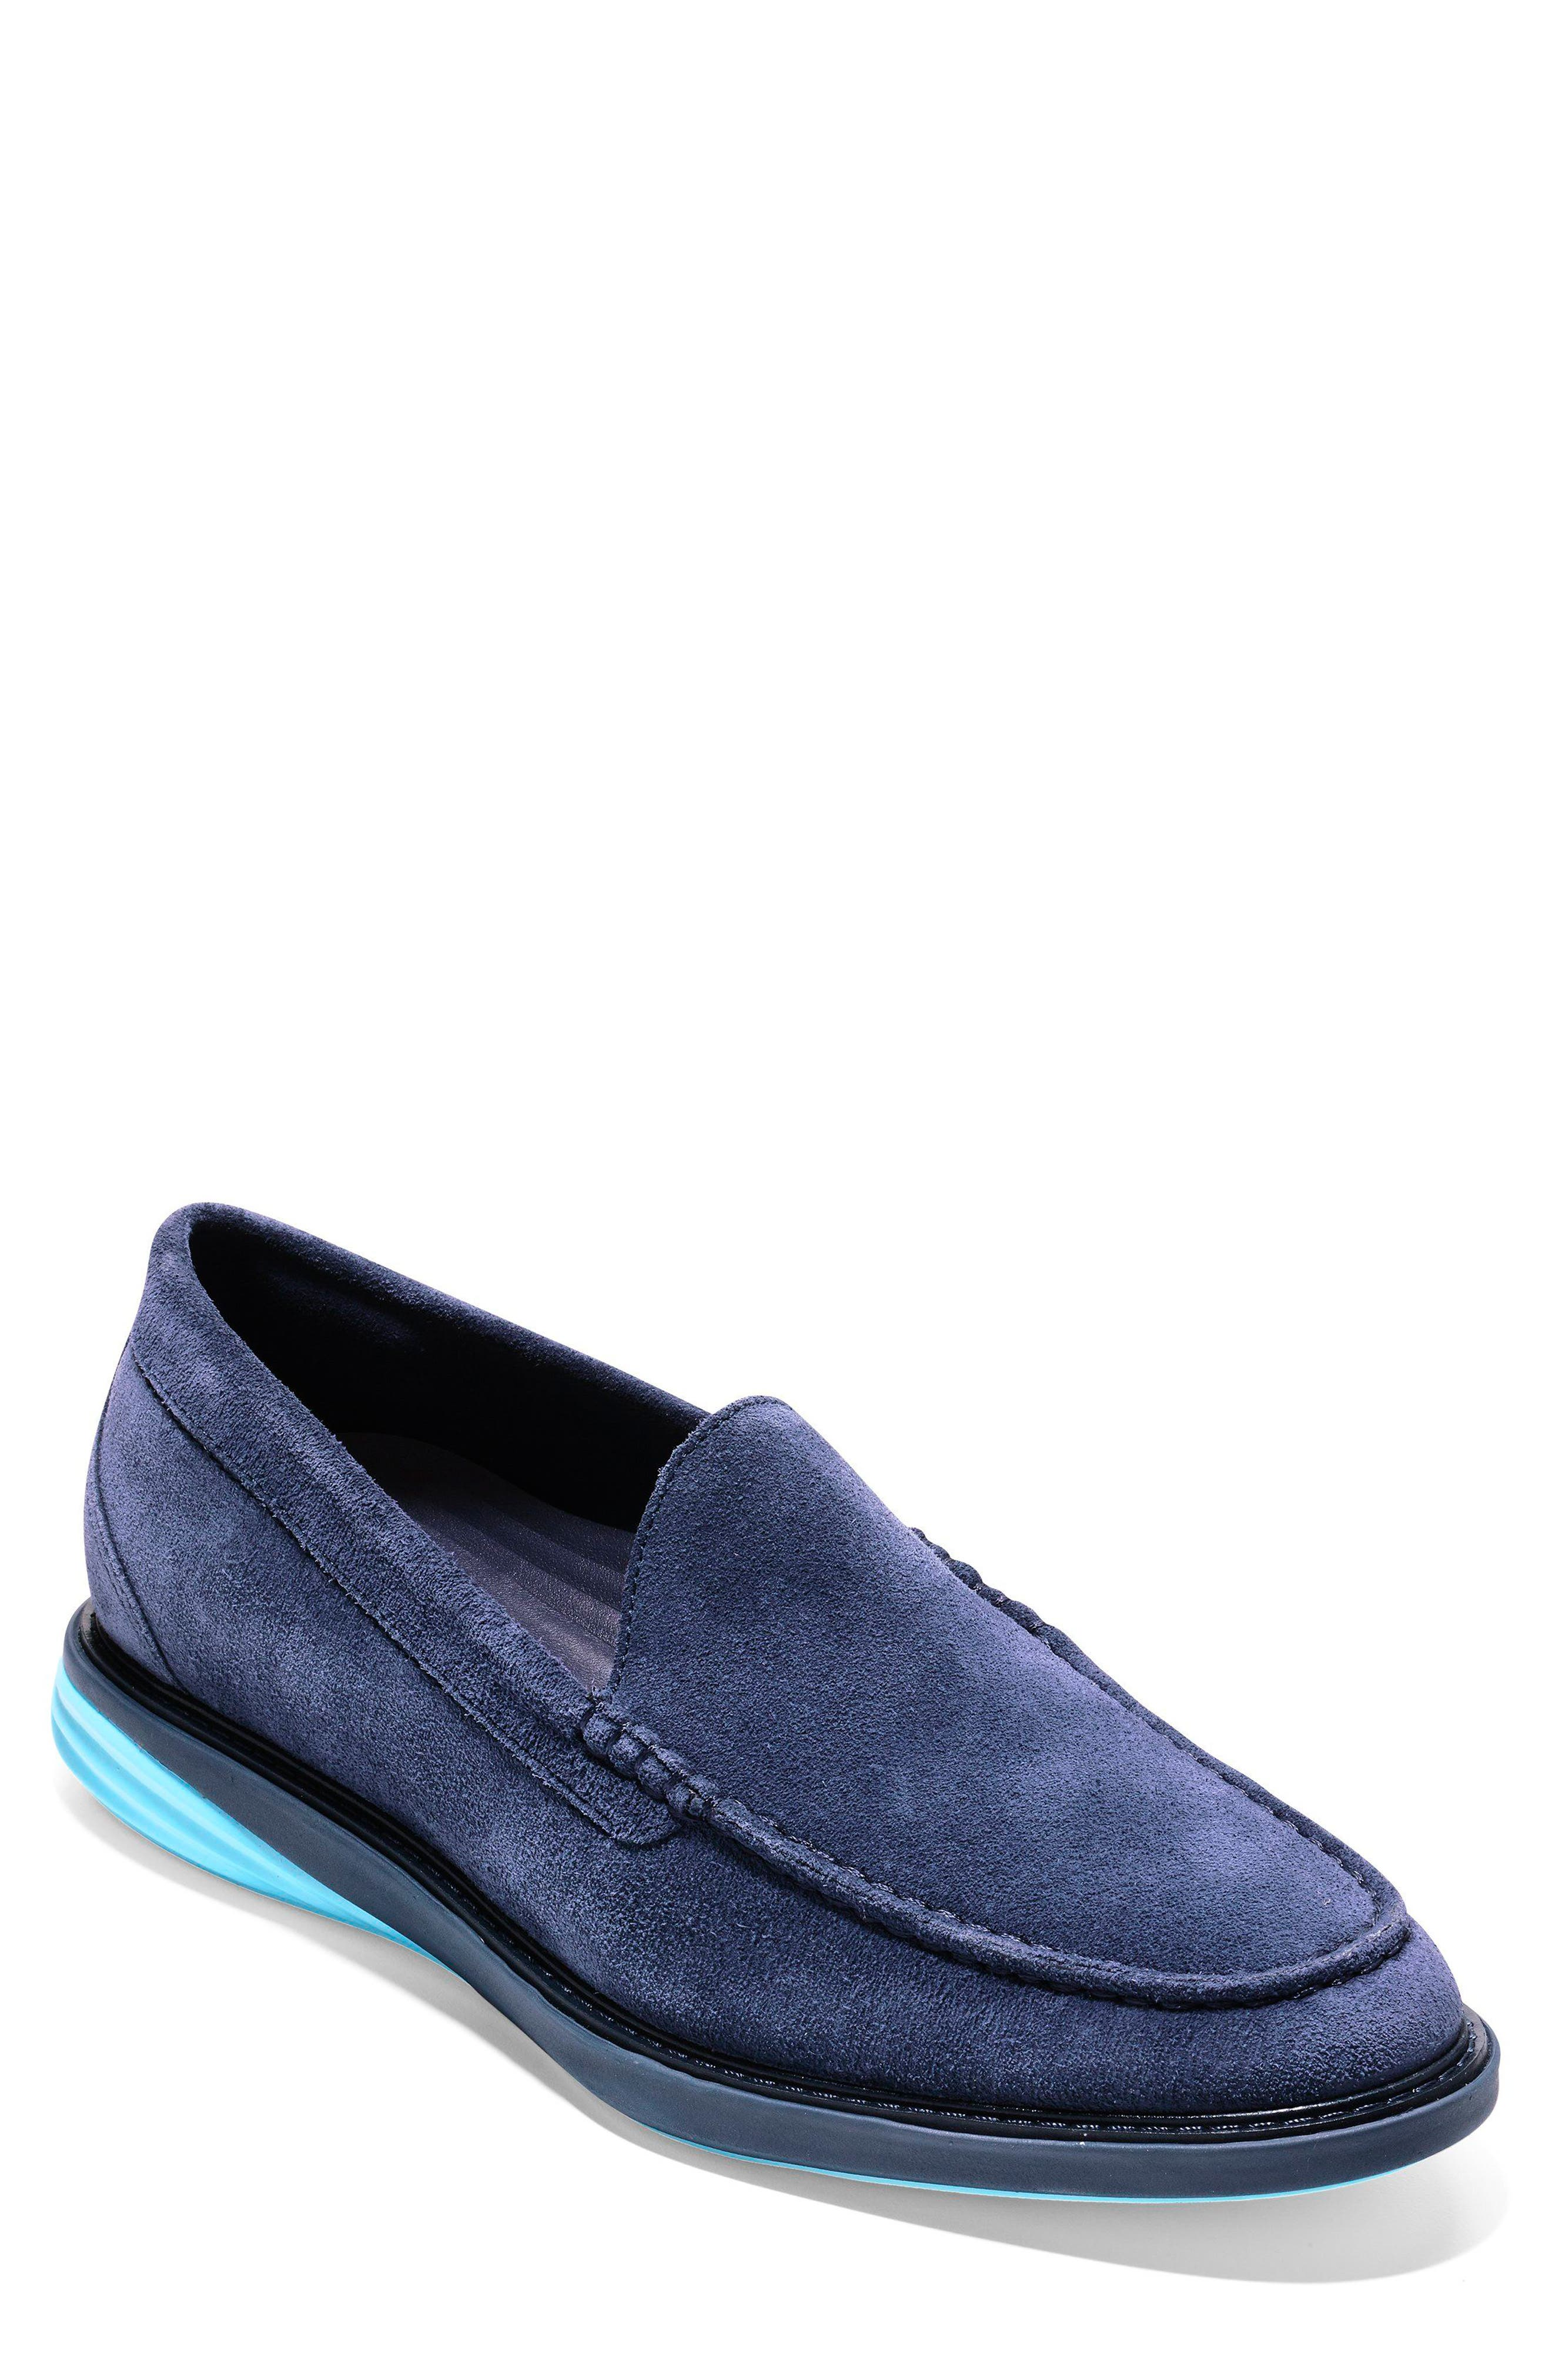 GrandEvølution Venetian Loafer,                         Main,                         color, Marine Blue Suede